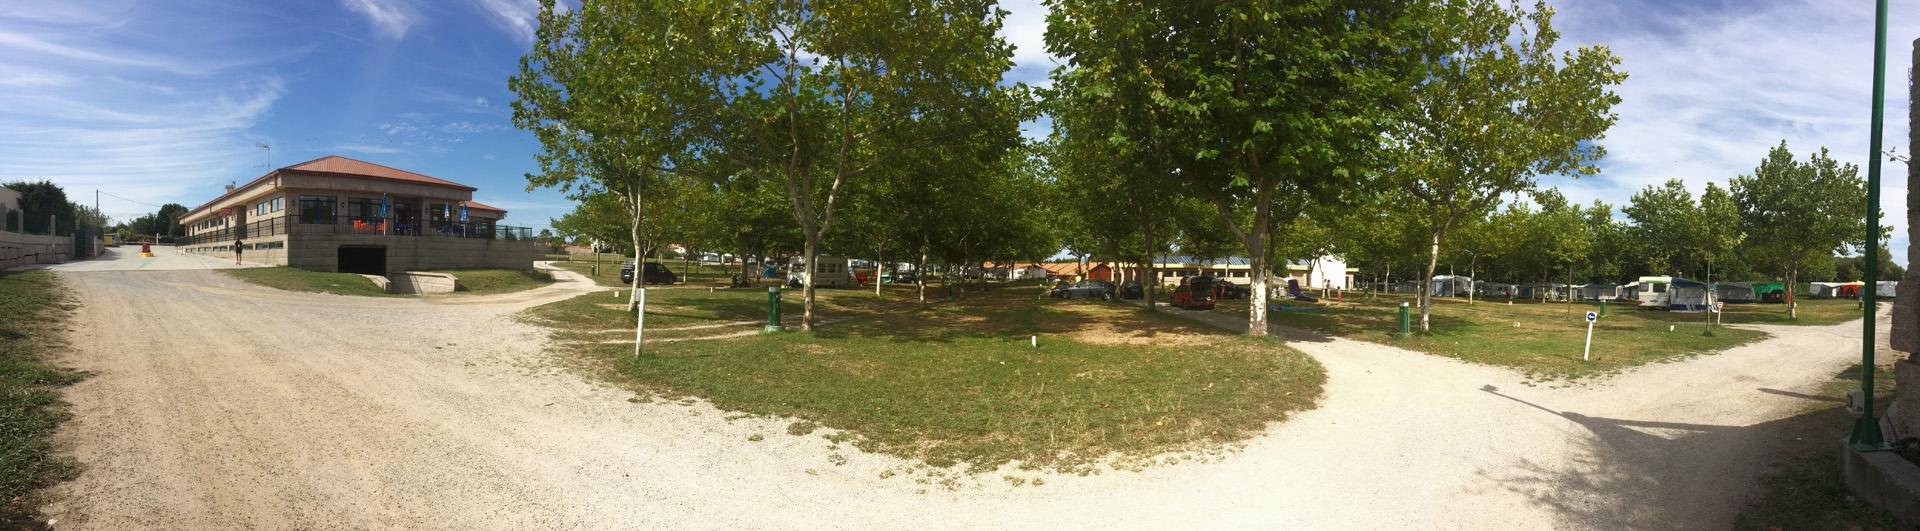 Amplias zonas arboladas Camping Paisaxe O Grove